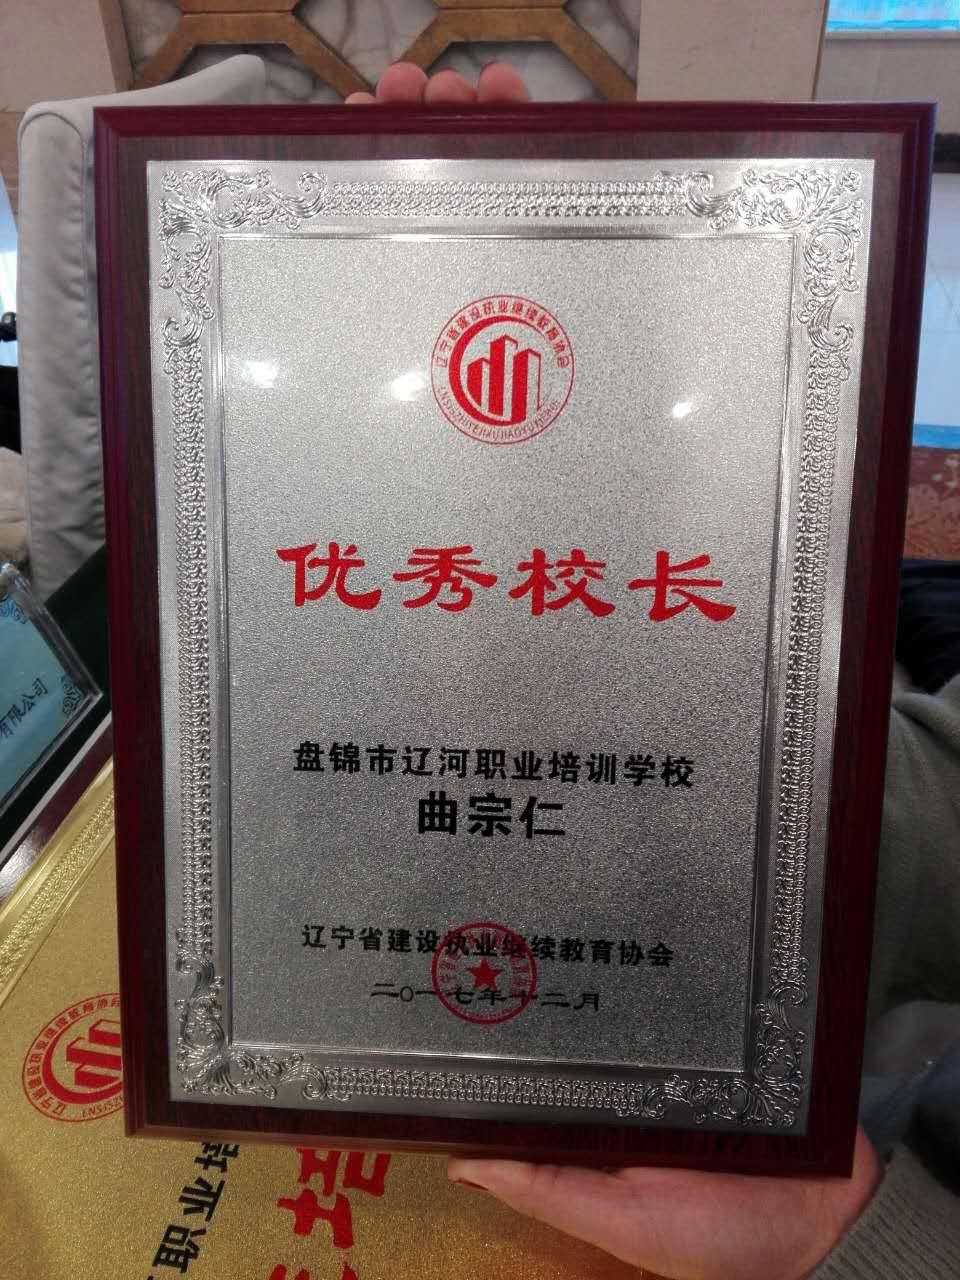 庆祝我校被评为先进培训机构,曲校长被评为优秀校长 学校新闻-盘锦辽河职业培训学校